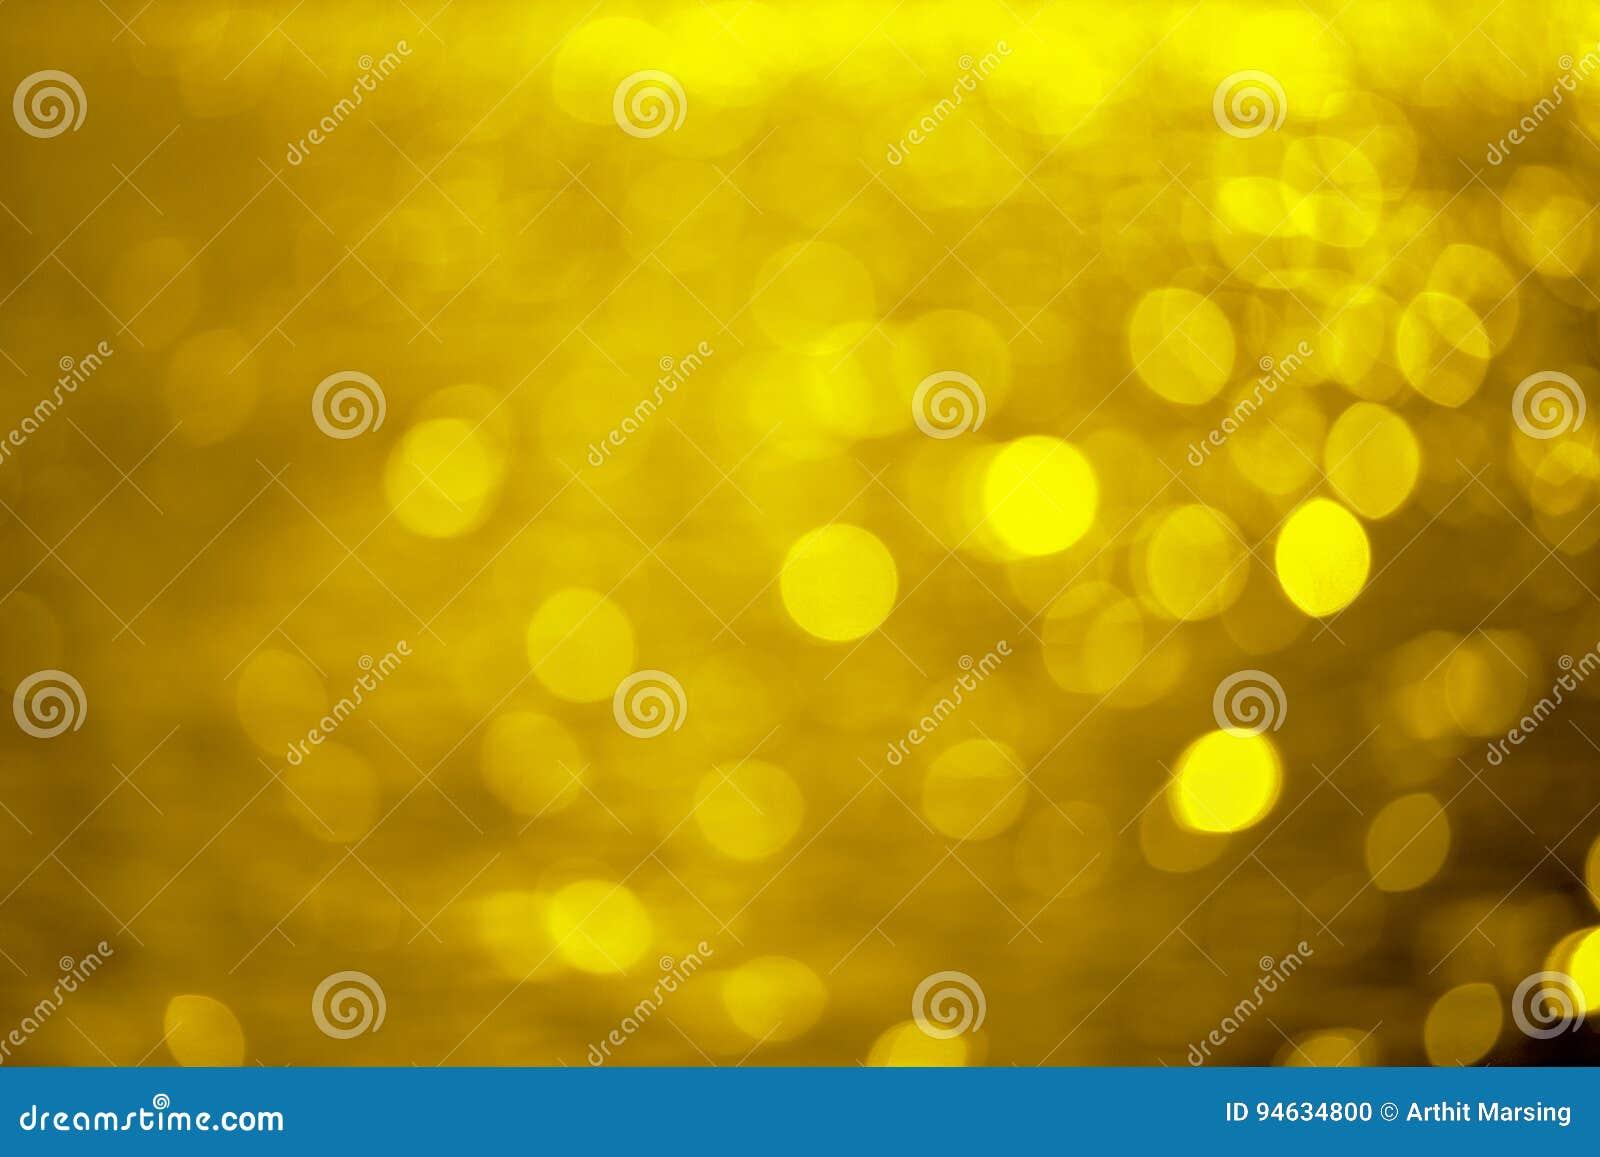 Fundo dourado criado da imagem da água dourada do bokeh